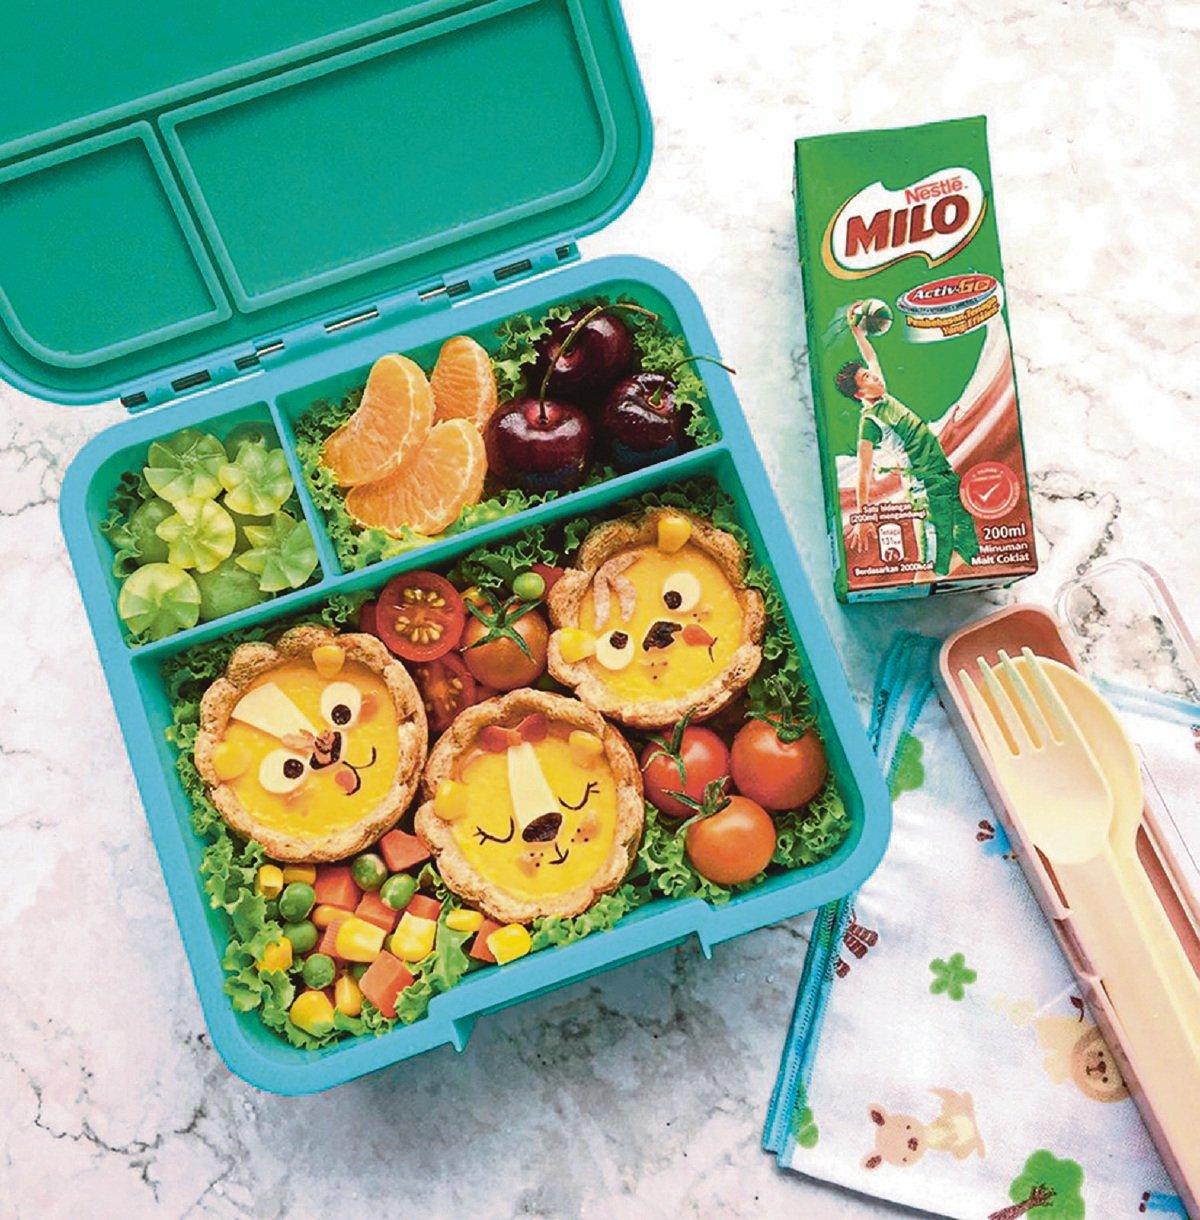 ROTI, buah dan sekotak susu sudah memadai sebagai bekal seimbang anak ke sekolah.